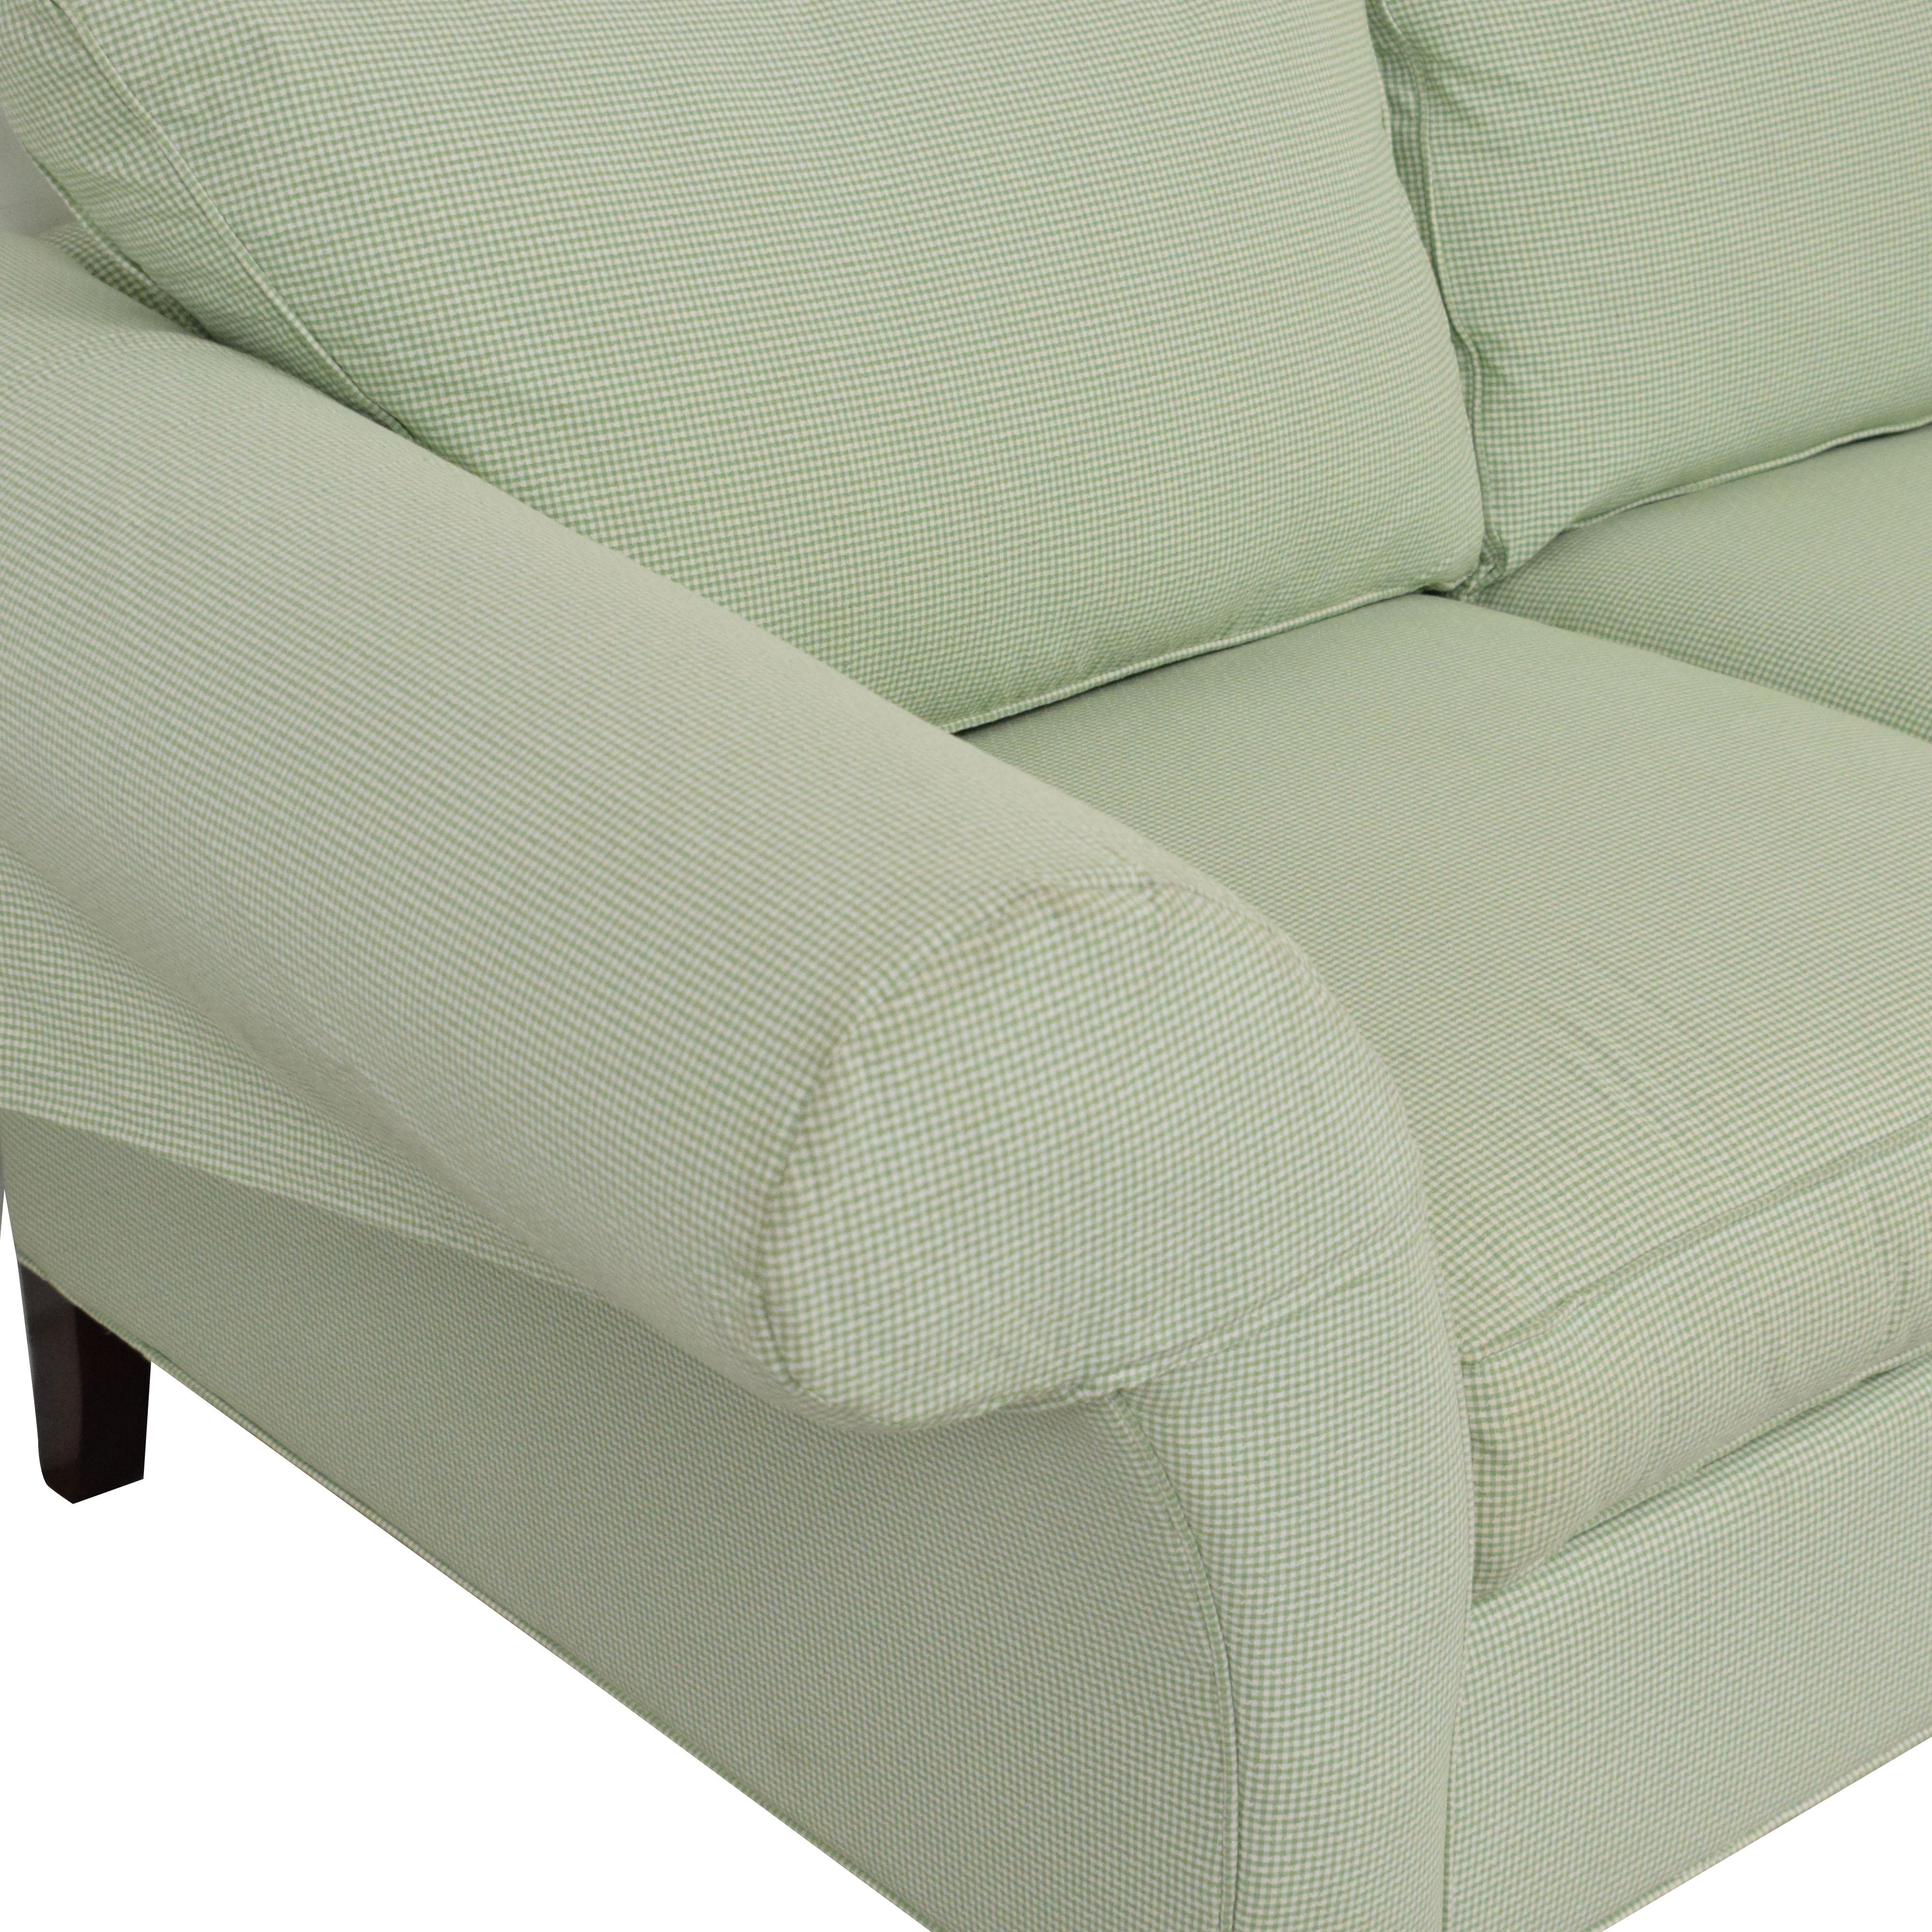 buy Ethan Allen Two Cushion Loveseat Ethan Allen Loveseats